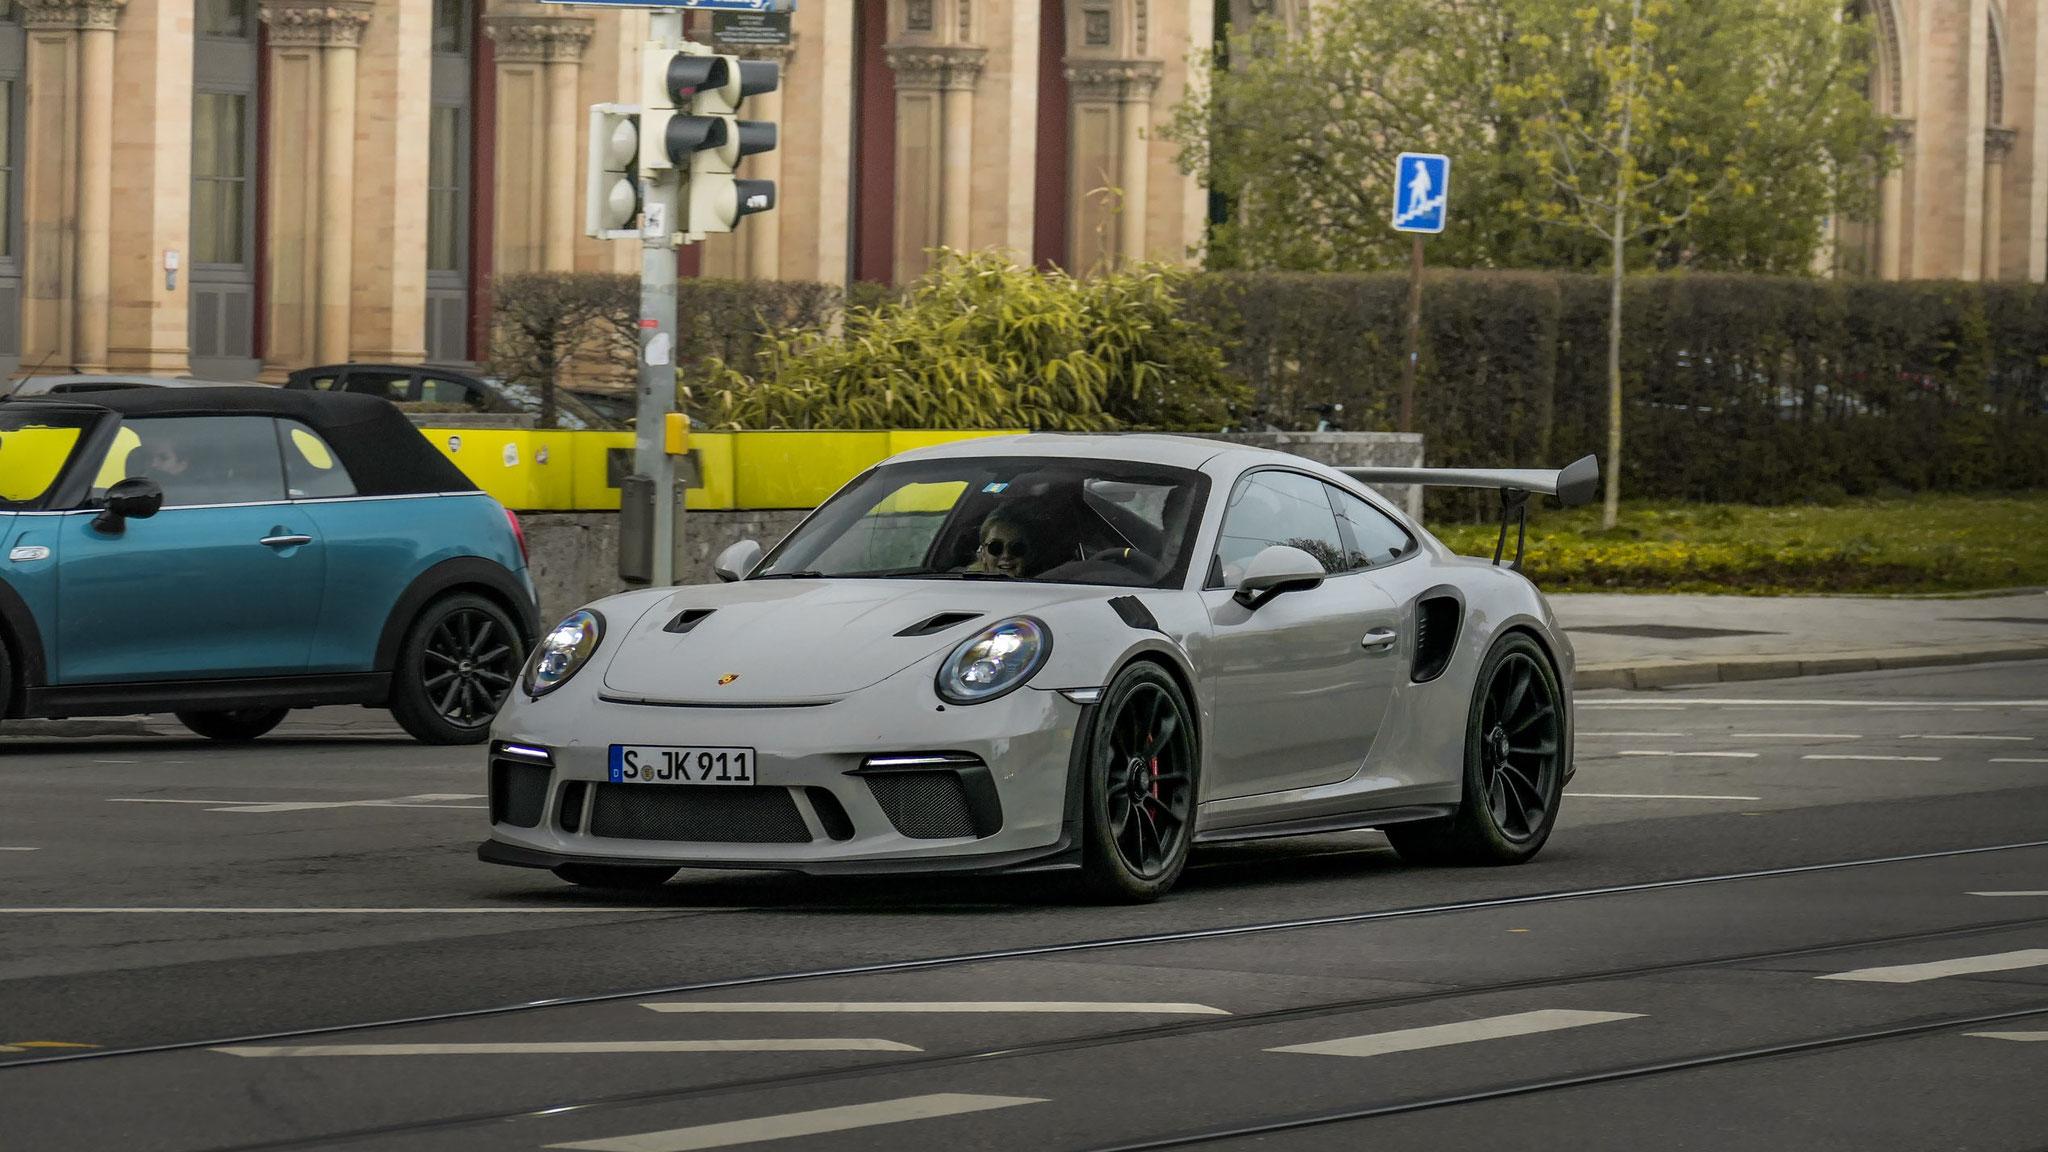 Porsche 911 991.2 GT3 RS - S-JK-911